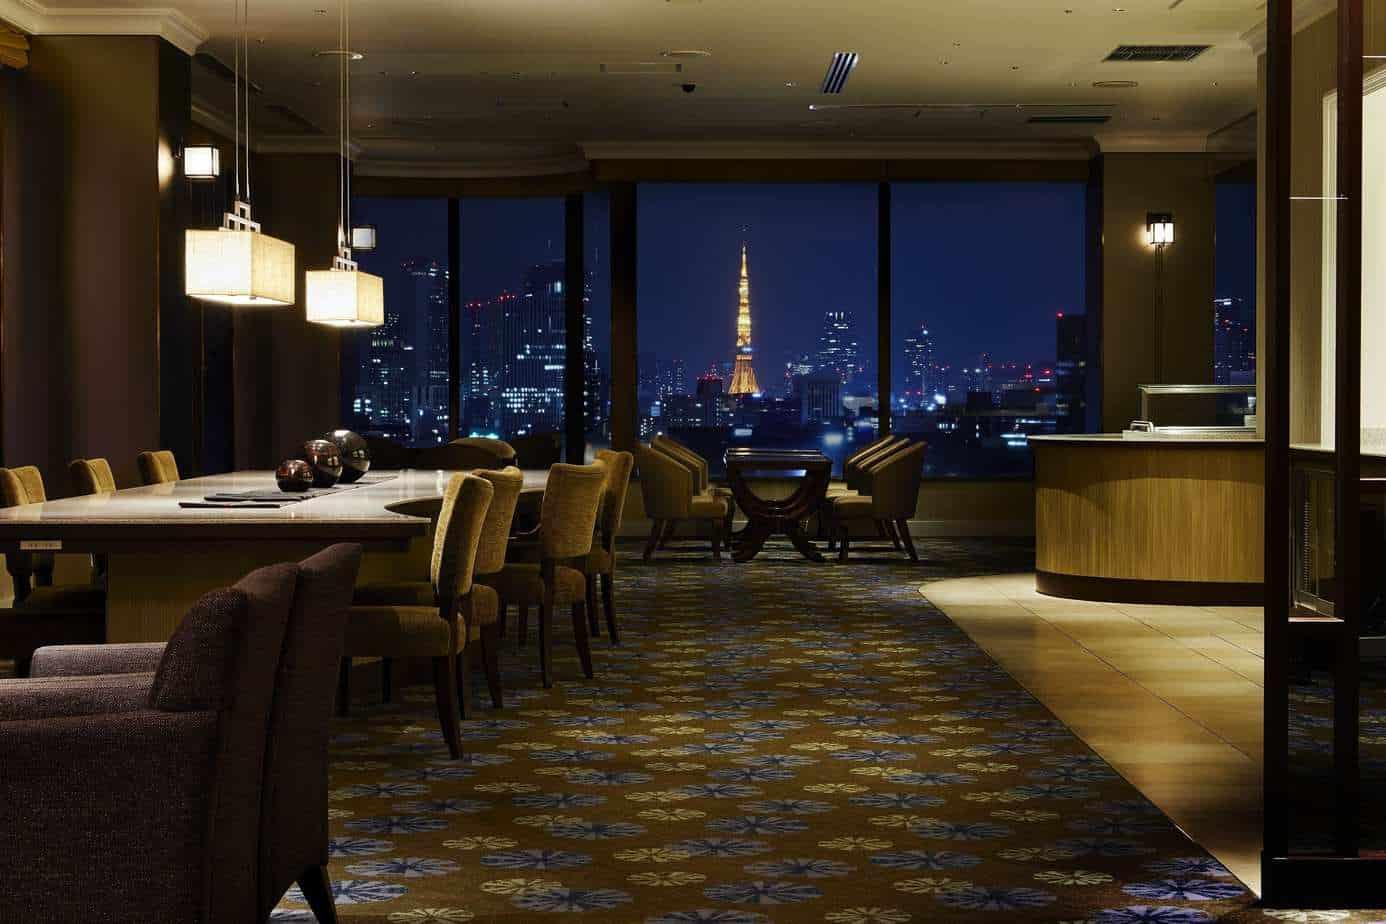 מלונות בטוקיו למשפחות - Royal Park Hotel - מתוך האתר הרשמי